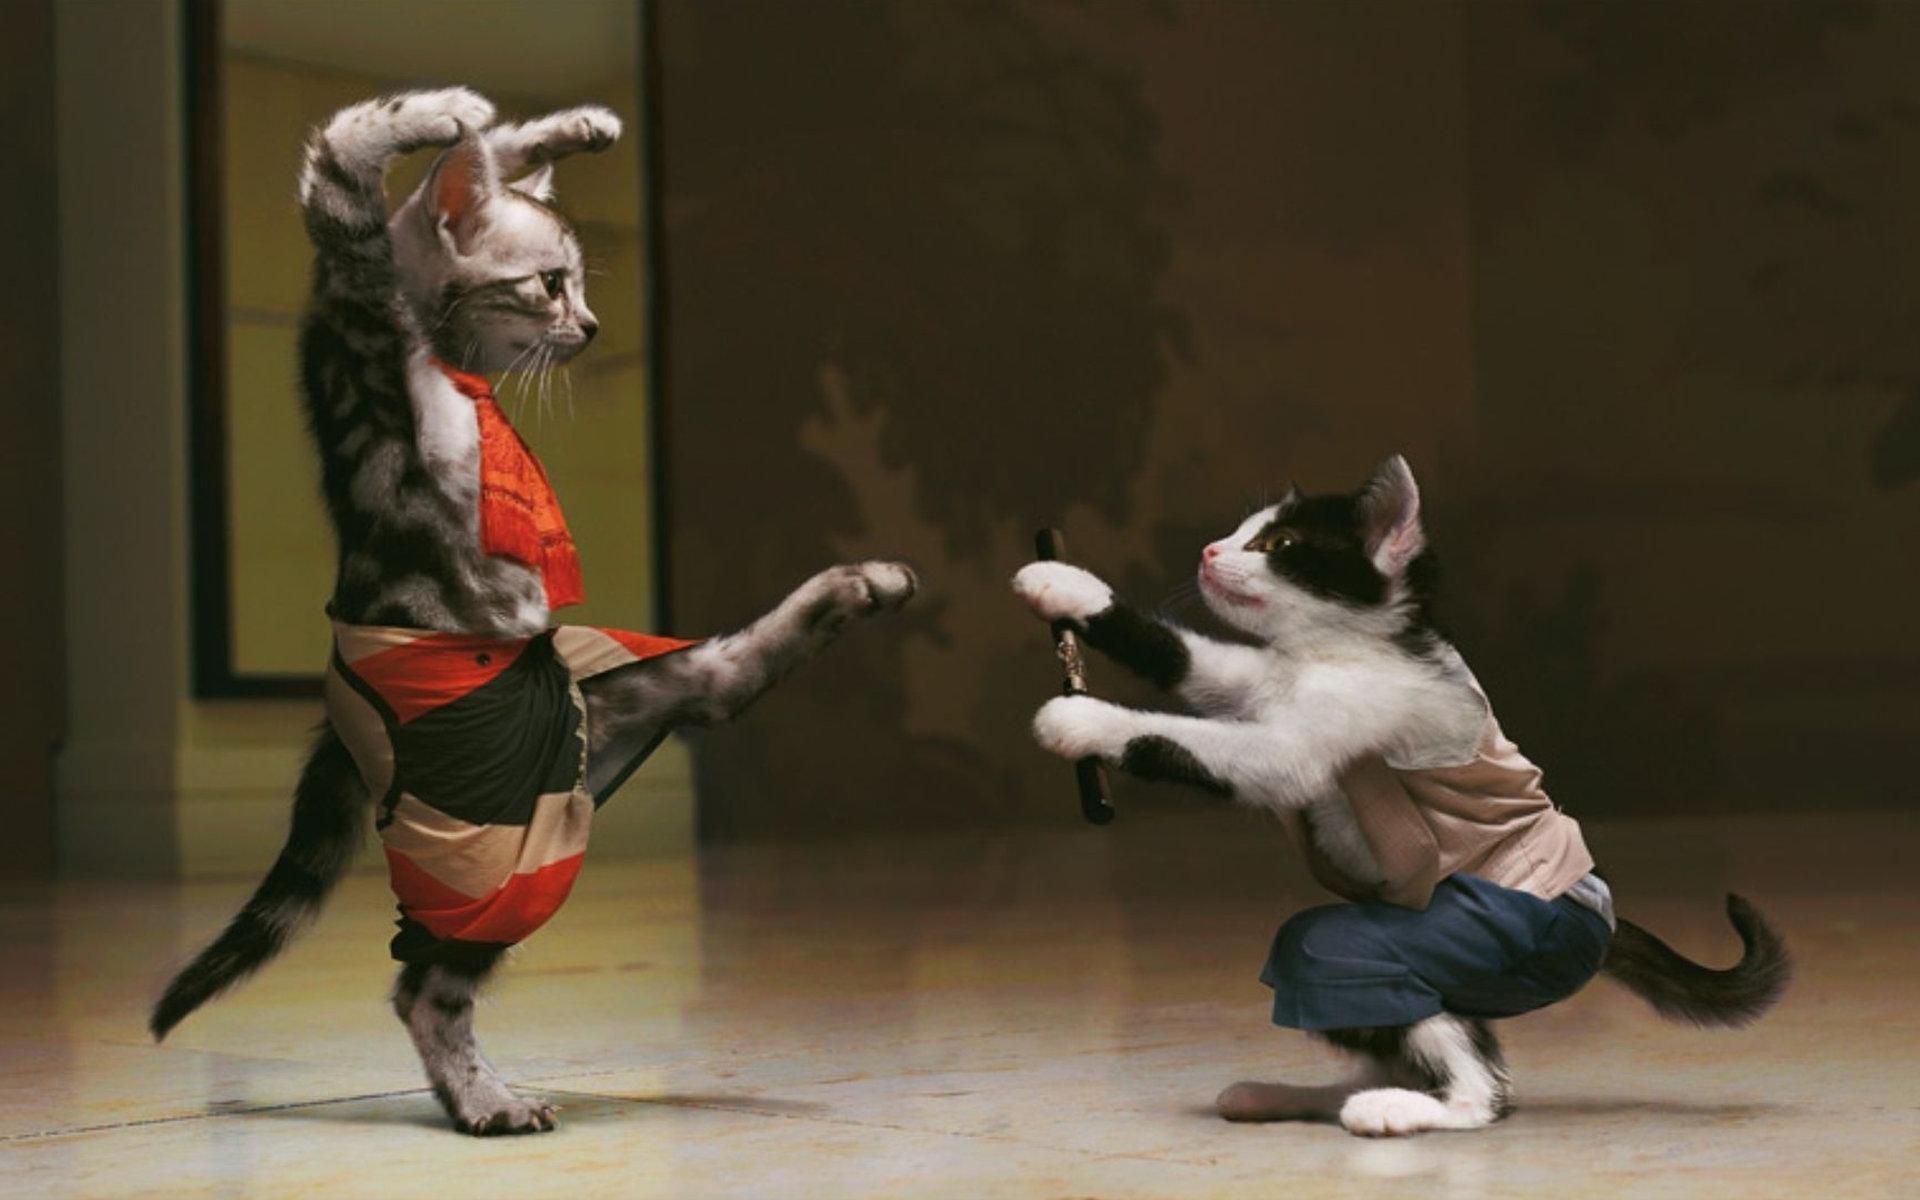 Прикольные картинки танца